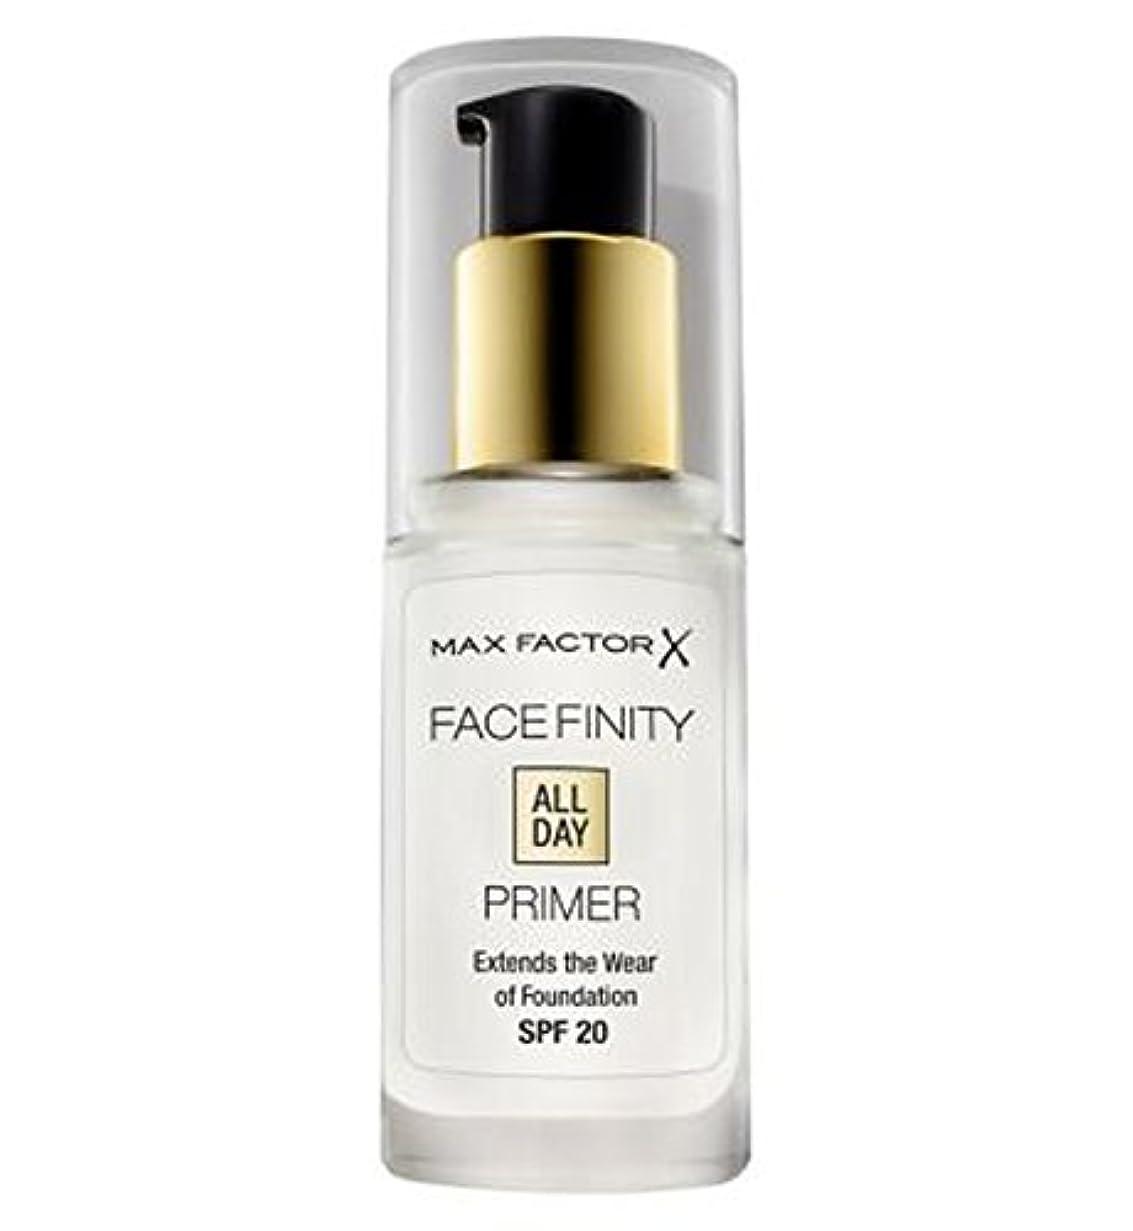 反射どこかに対してMax Factor Facefinity All Day Primer - マックスファクターのFacefinity終日プライマー (Max Factor) [並行輸入品]